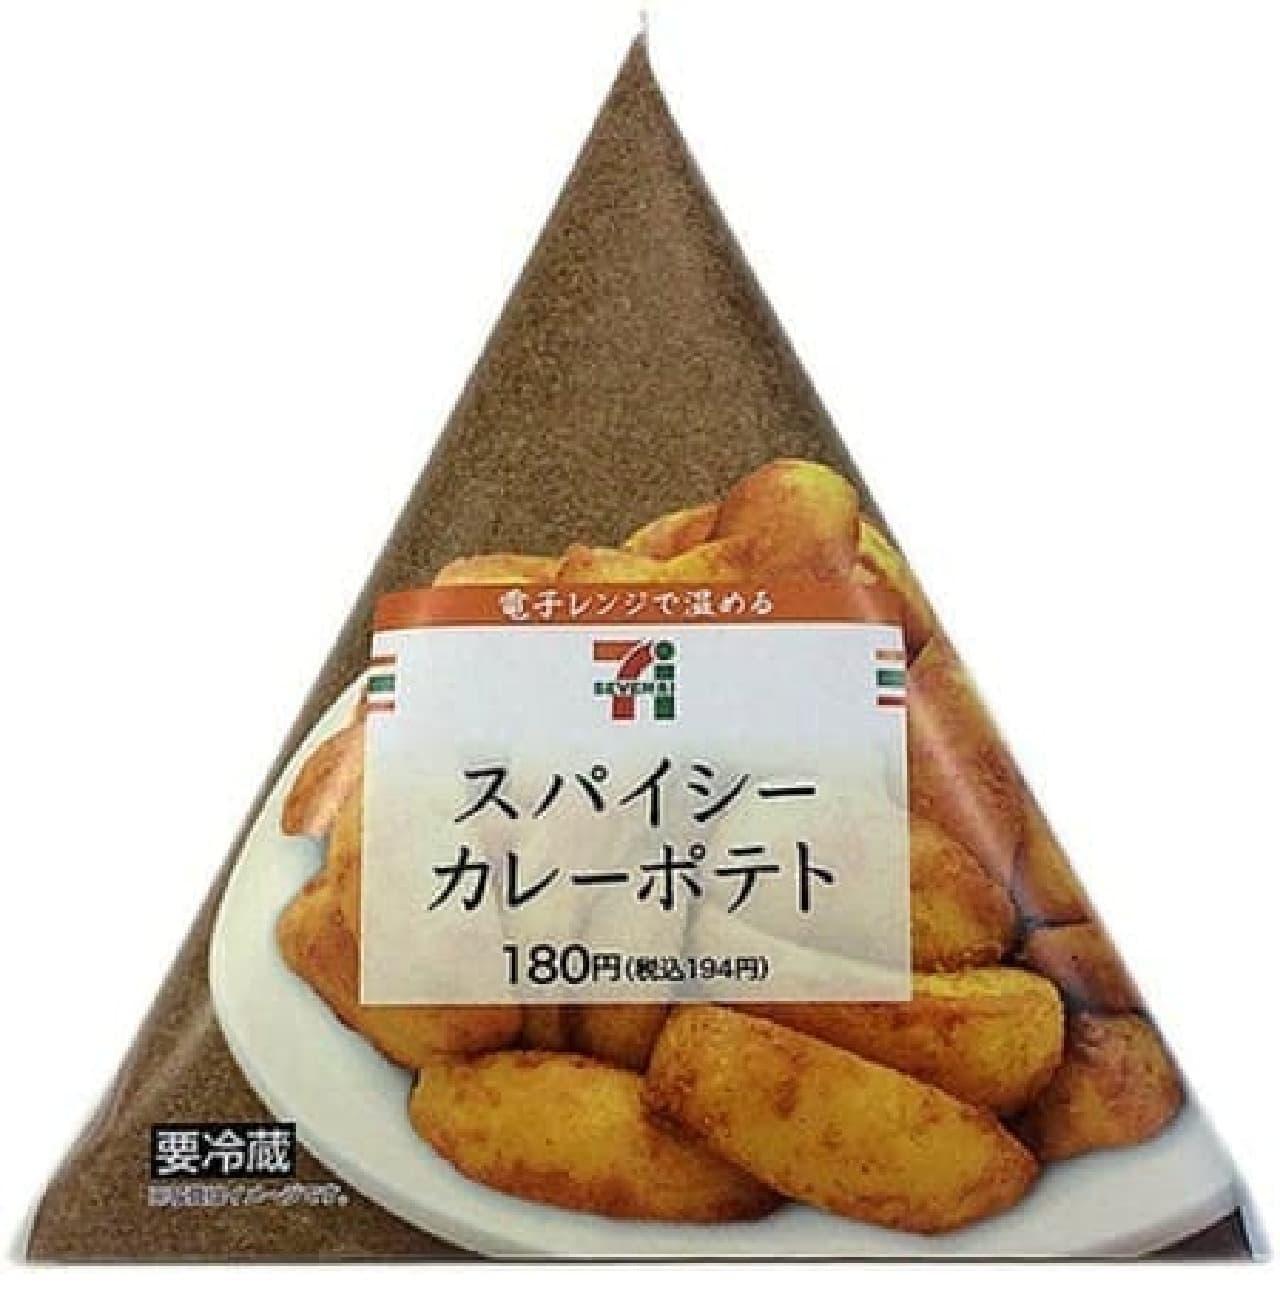 セブン-イレブン「お手軽おつまみシリーズ」